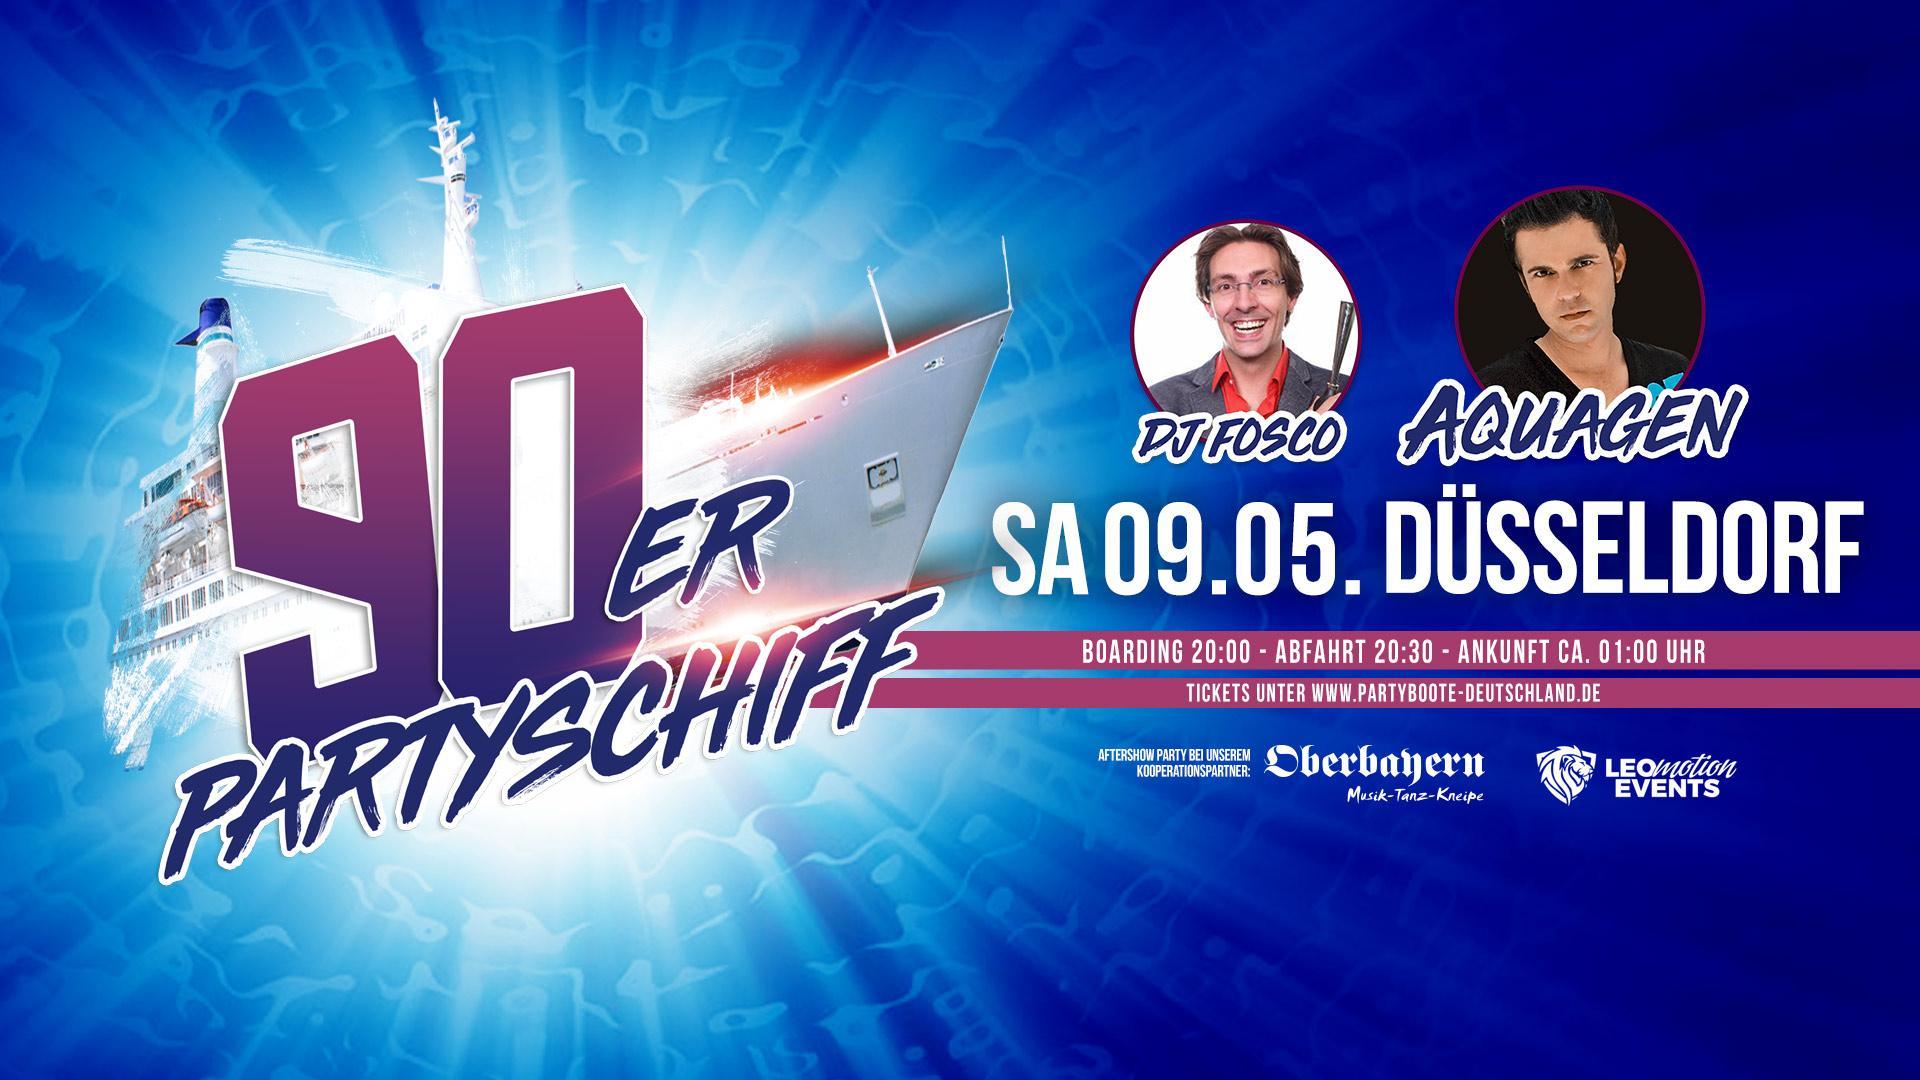 90er Partyschiff mit AQUAGEN live DJ Set - Düsseldorf